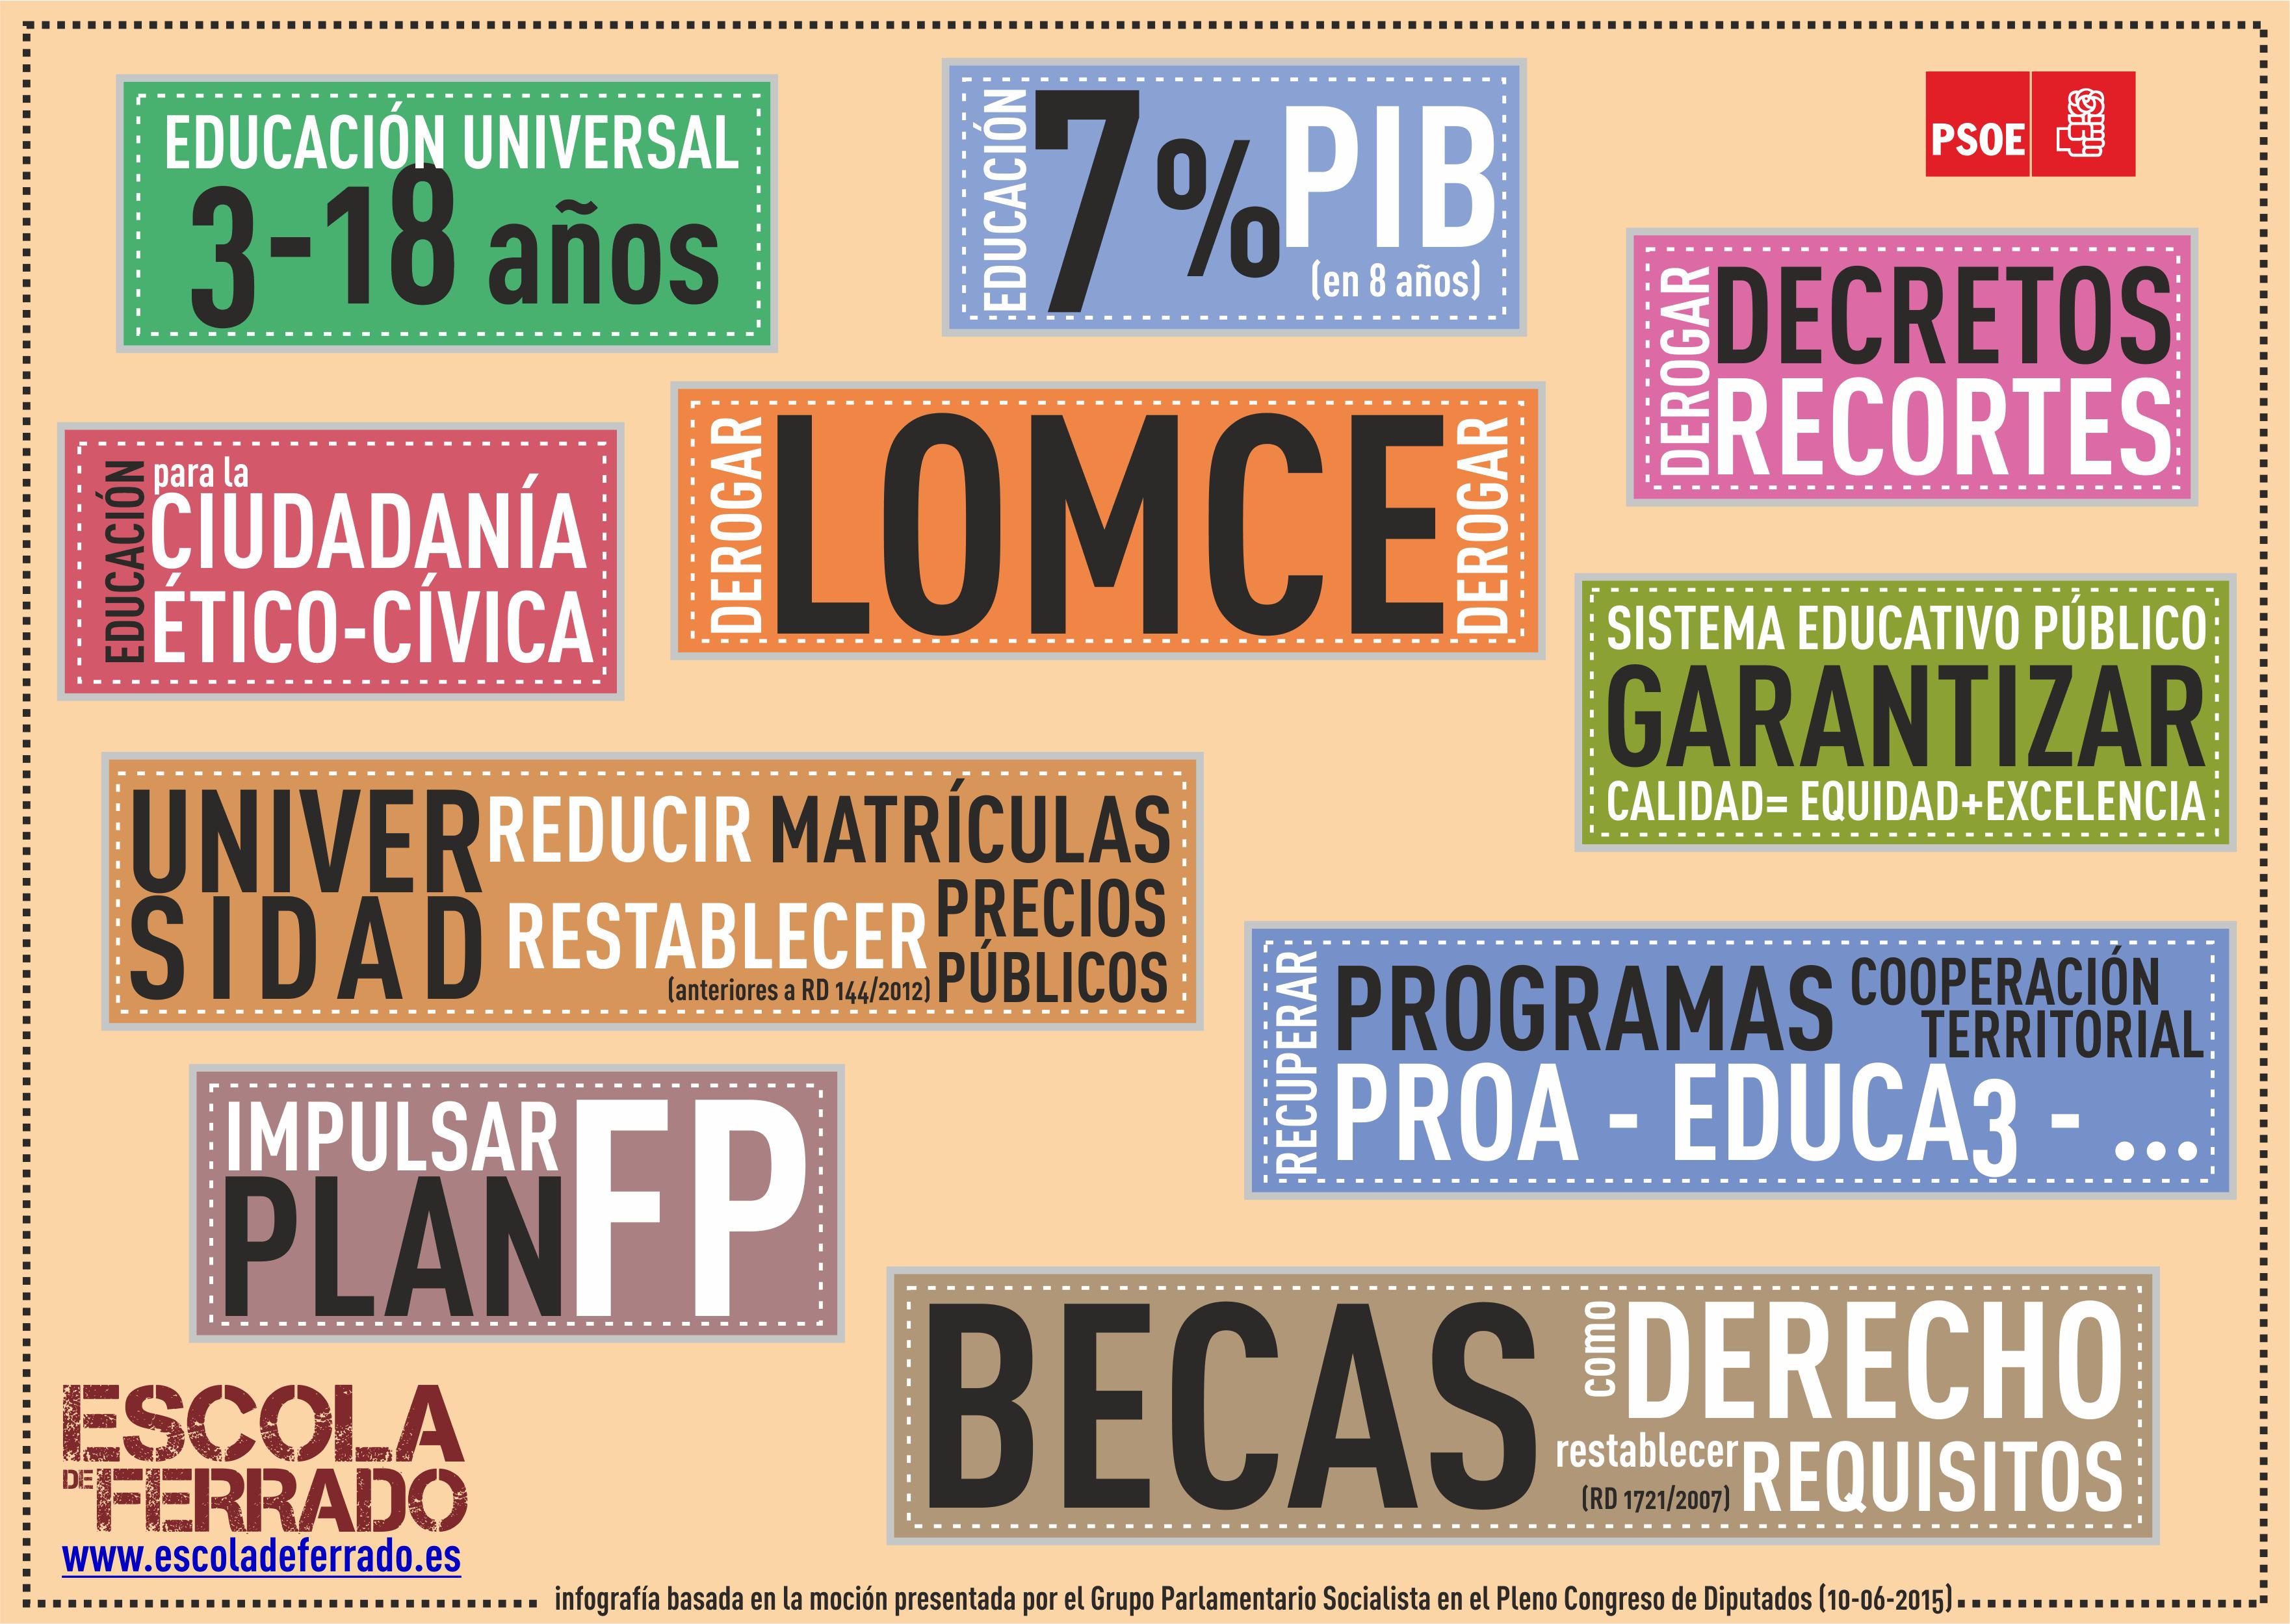 INFOGRAFIA-ESCOLAdeFERRADO-EDUCACION